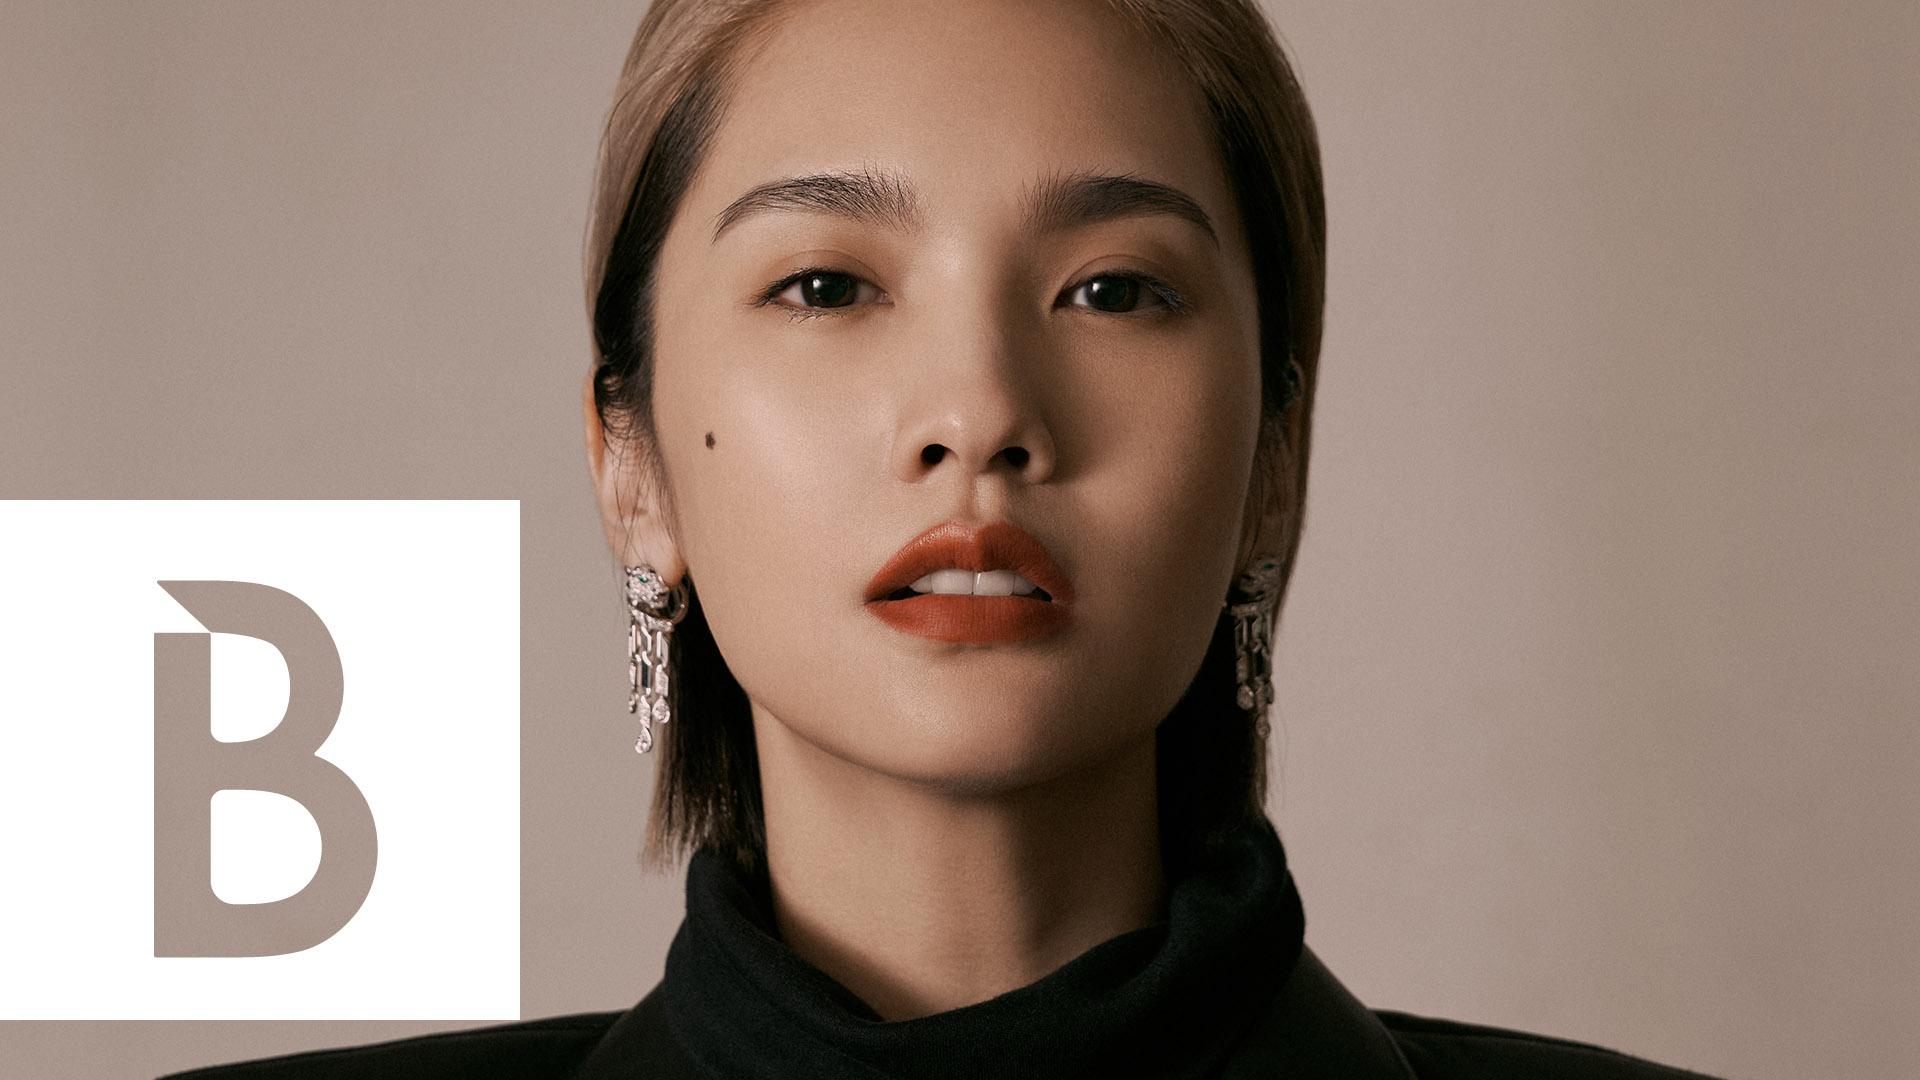 2020年12月【封面人物】楊丞琳出道20年,堪稱演藝圈資優生:「從不示弱的自己,變成一個感性有溫度的人。」